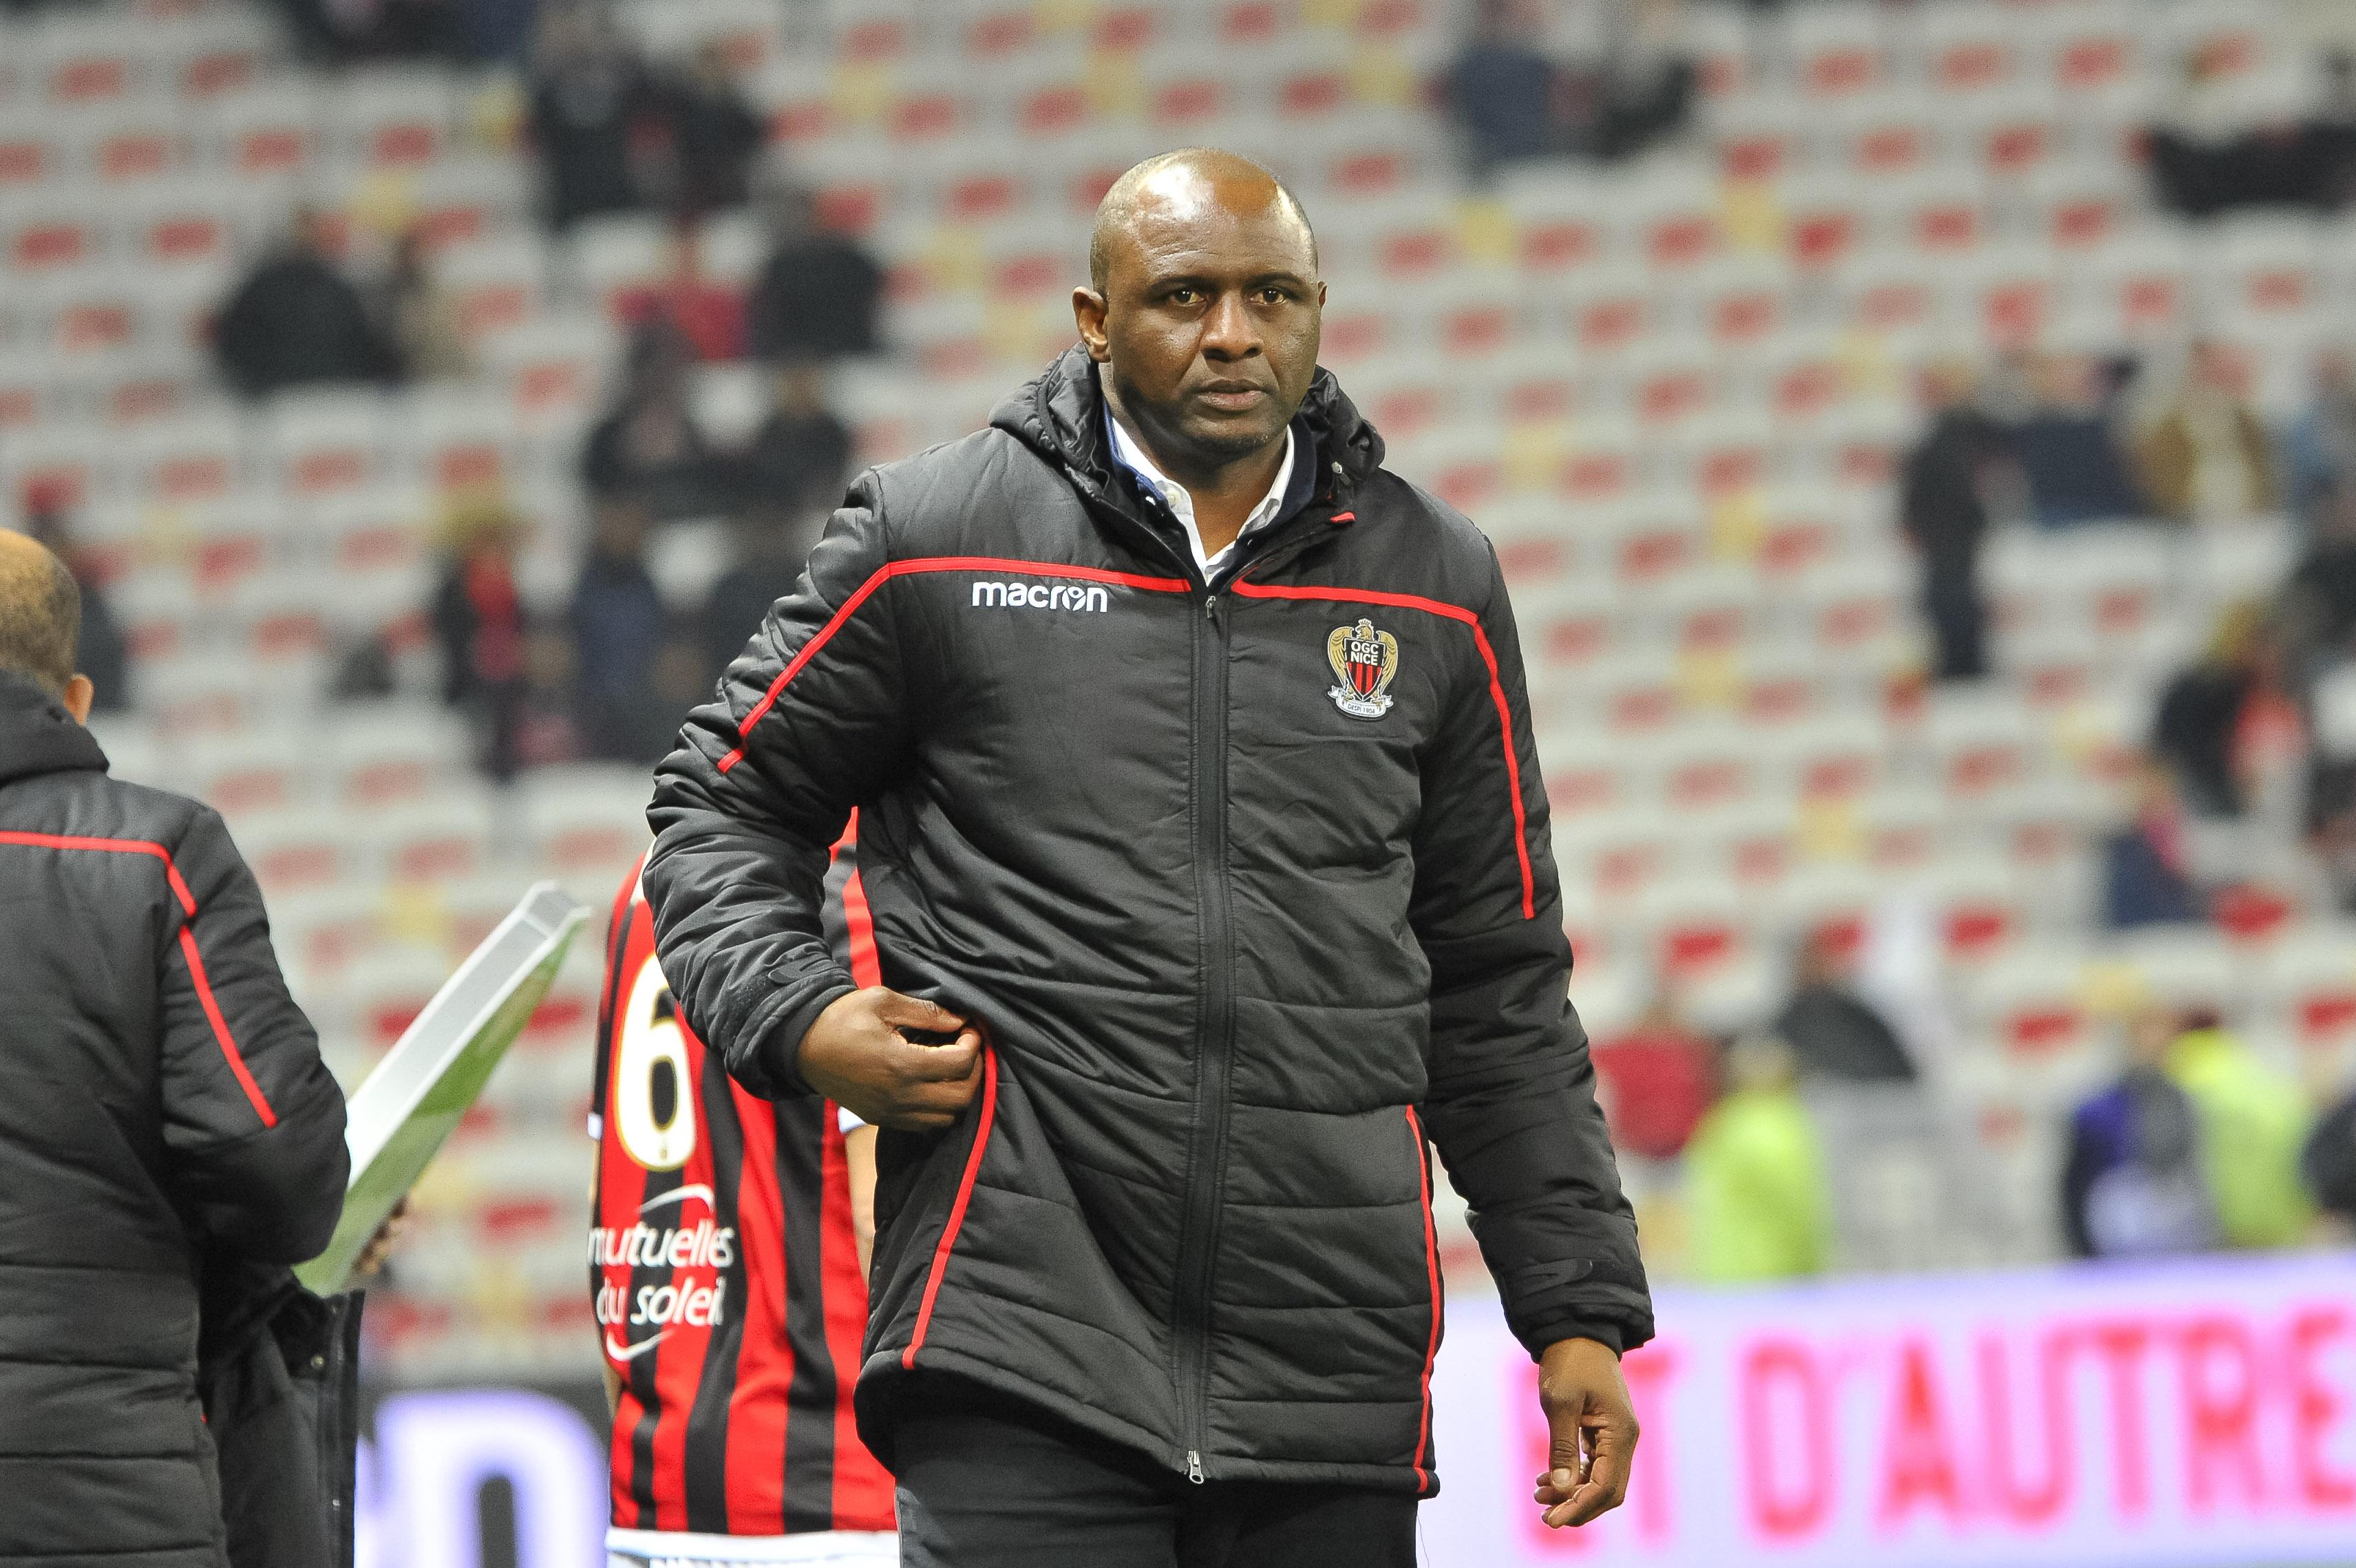 Football - Transferts - Vieira dément les rumeurs de départ à Lyon : «Je trouve ça malsain et déplacé»